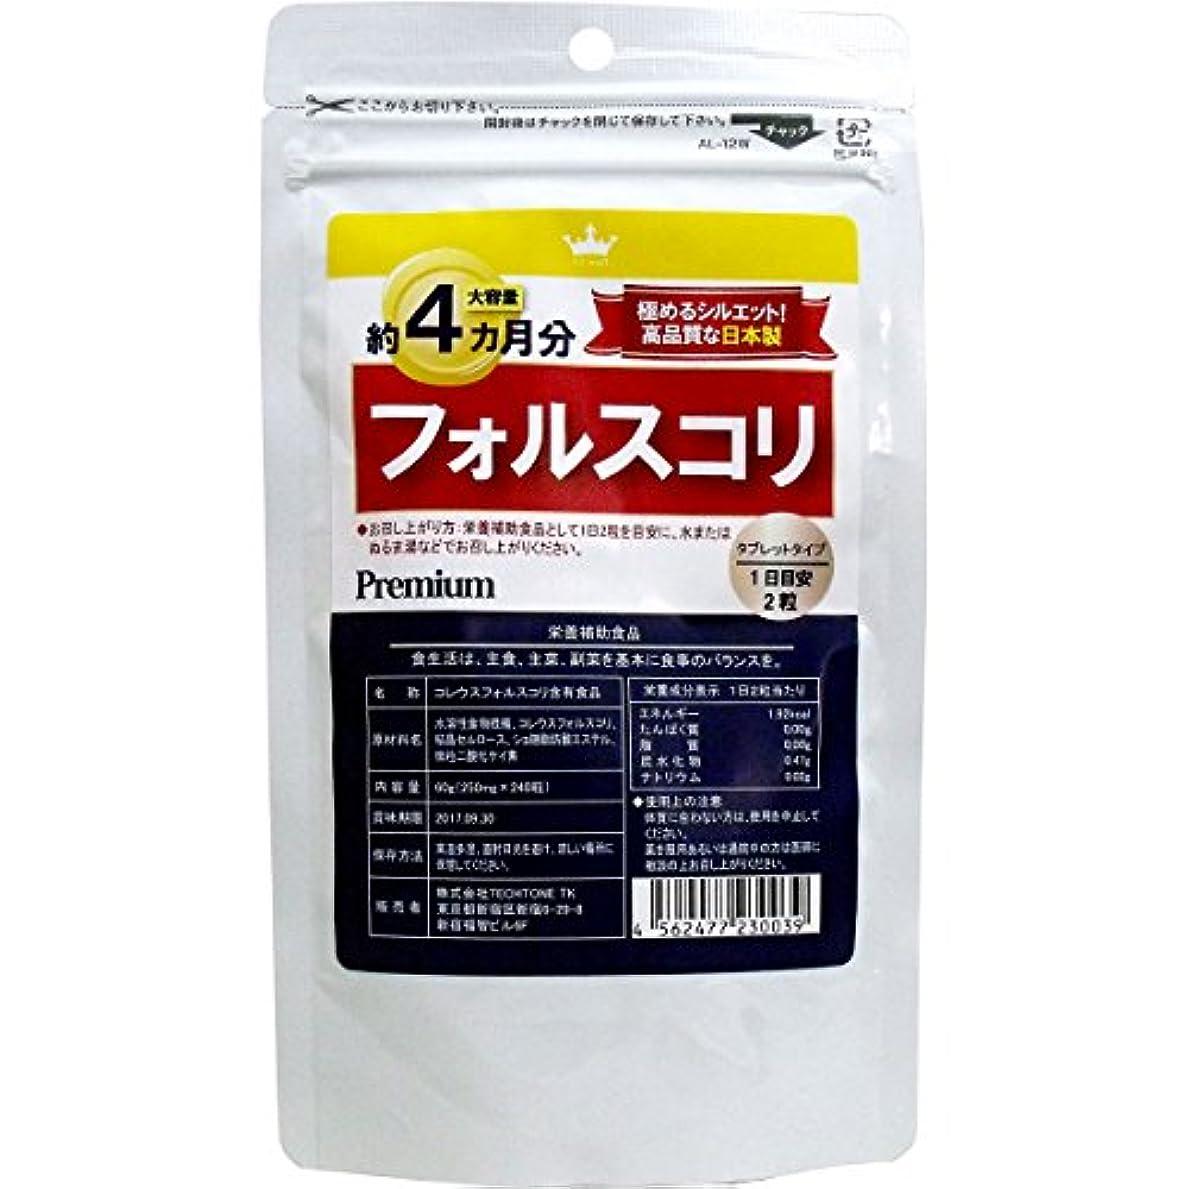 ダイエット 高品質な日本製 人気 フォルスコリ 約4カ月分 240粒入【3個セット】